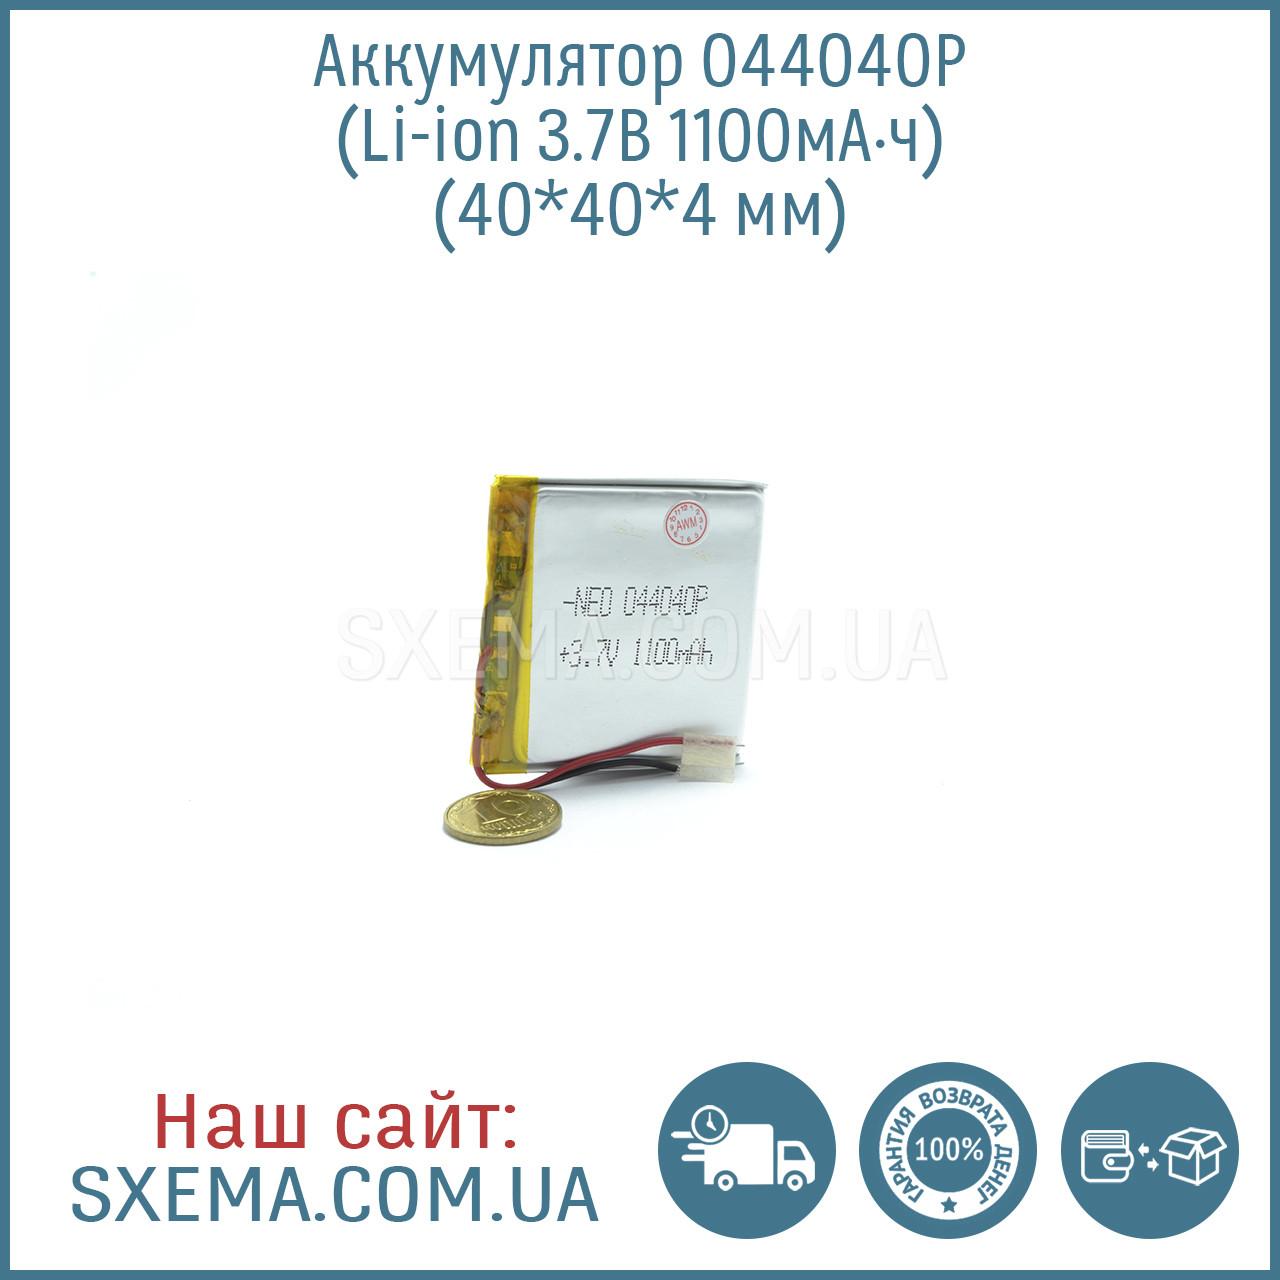 Аккумулятор универсальный 044040 (Li-ion 3.7В 1100мА·ч), (40*40*4 мм)